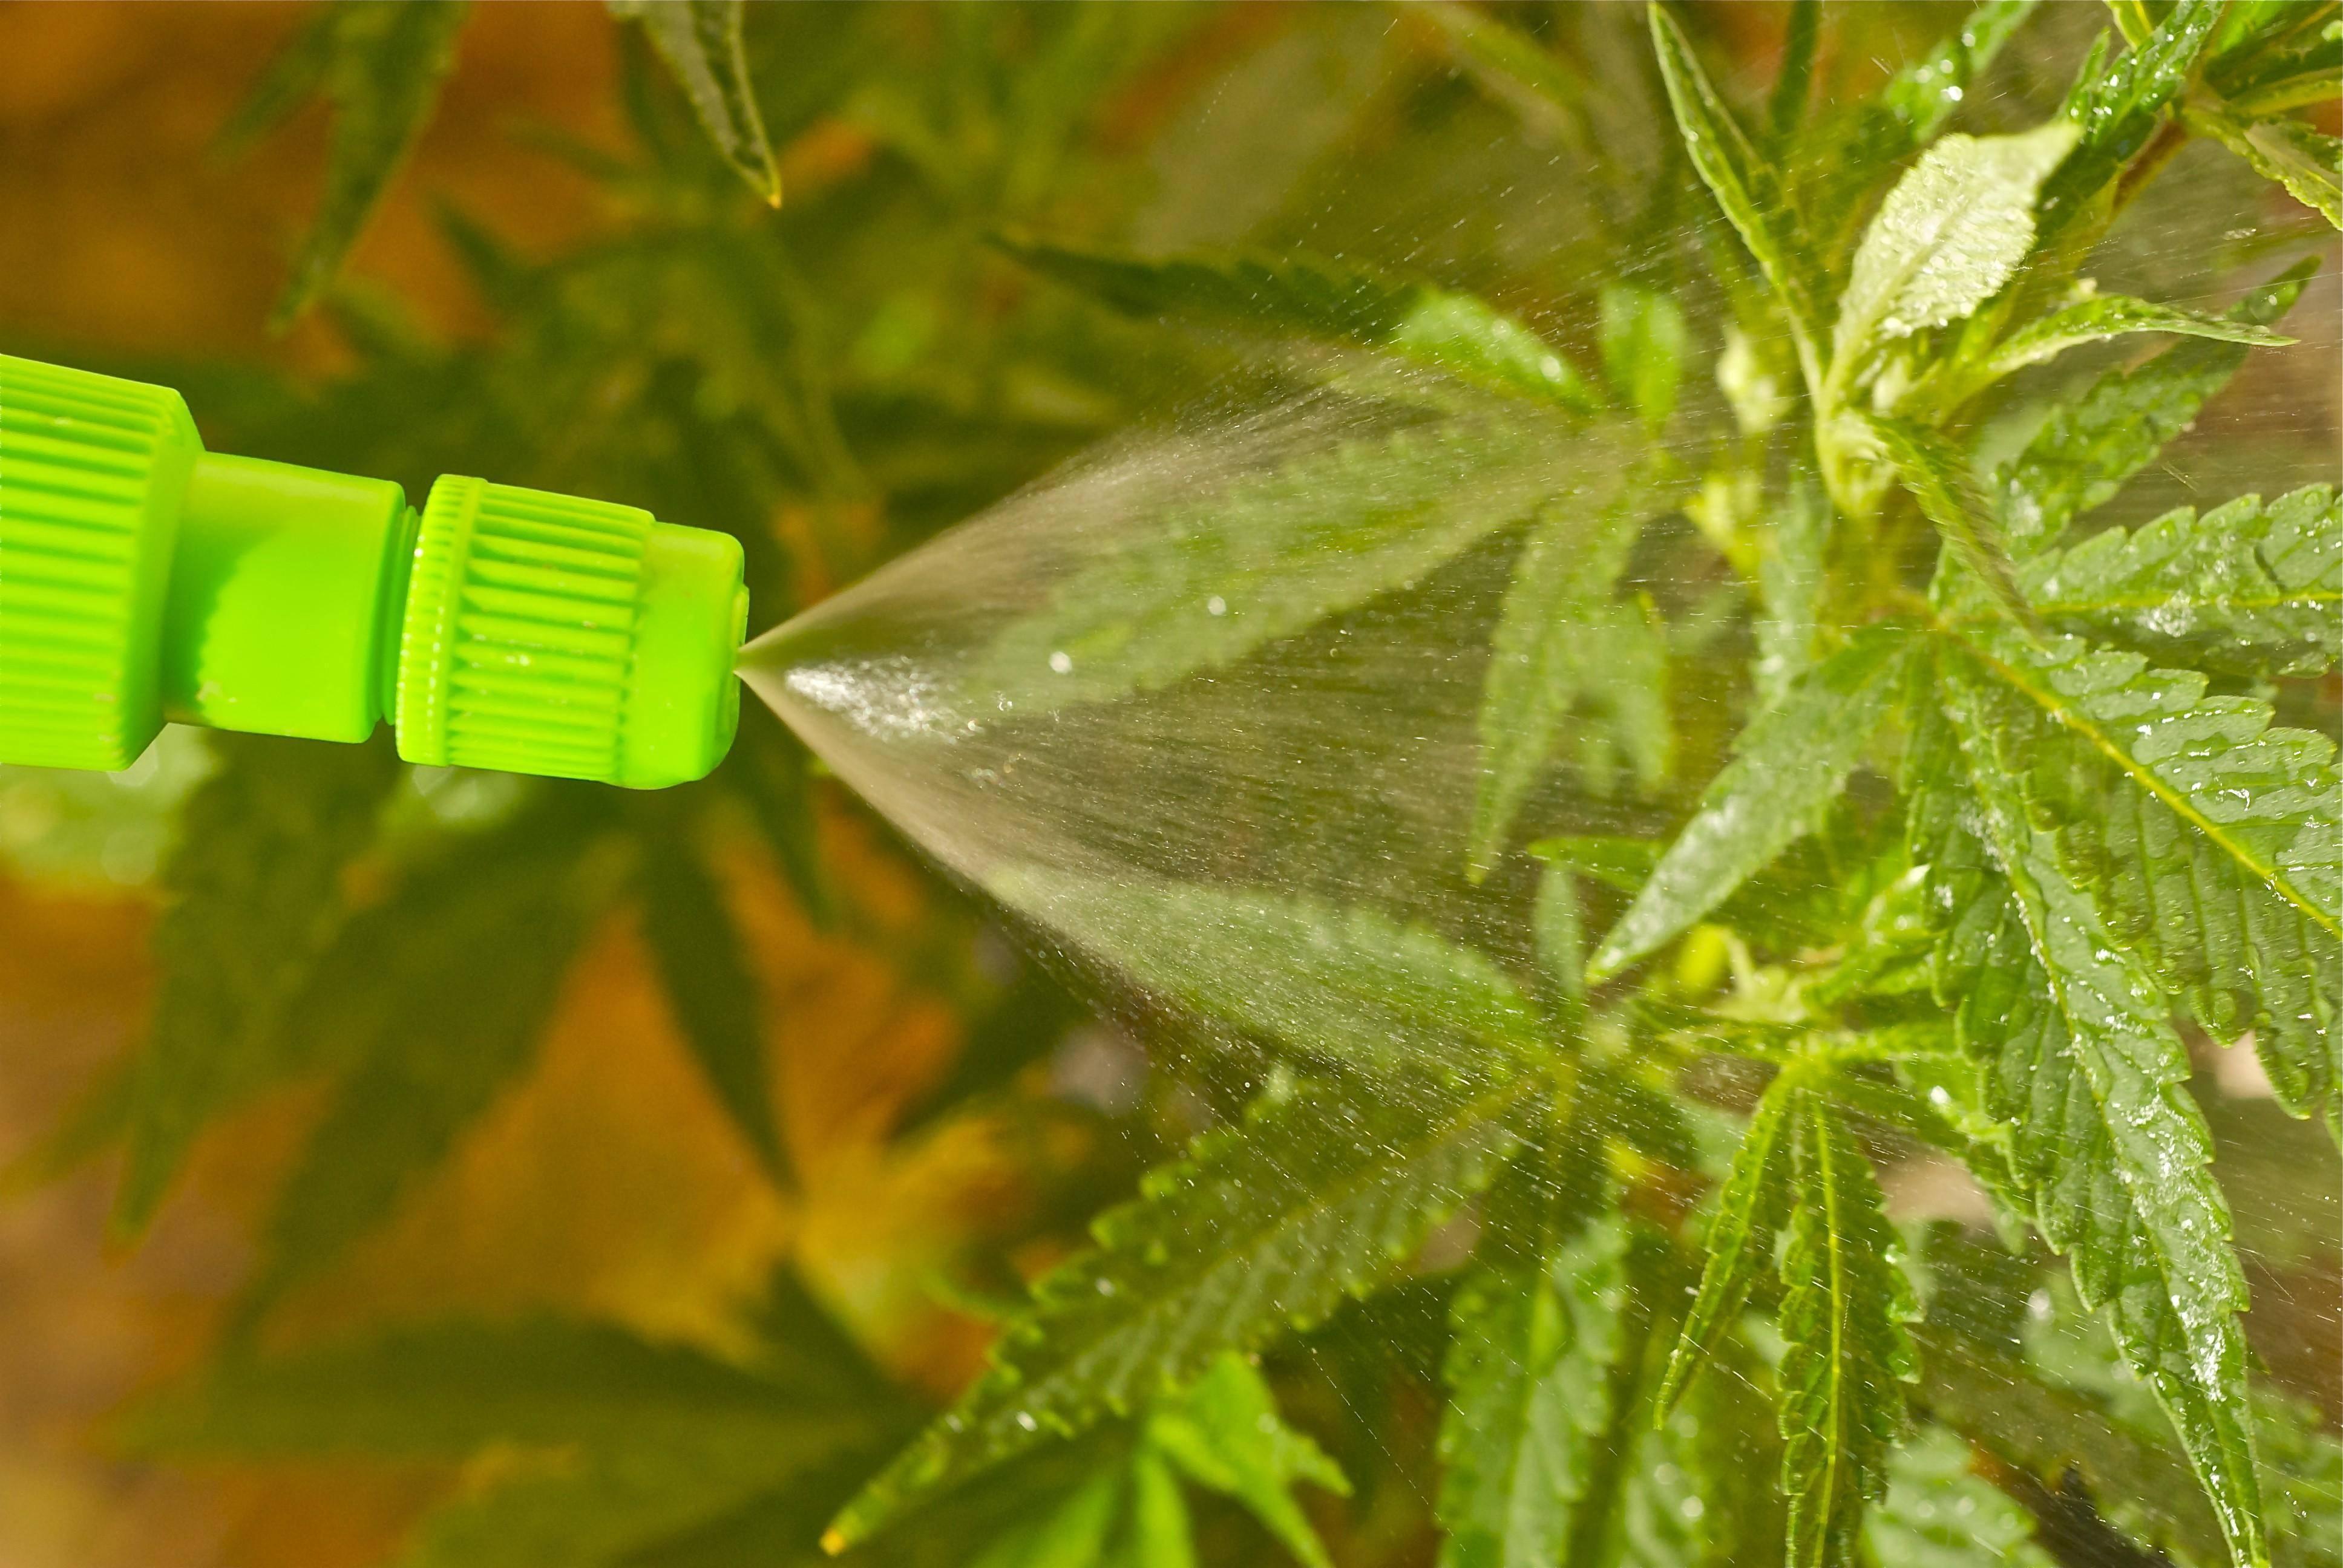 Нужно поливать коноплю о марихуане журнал